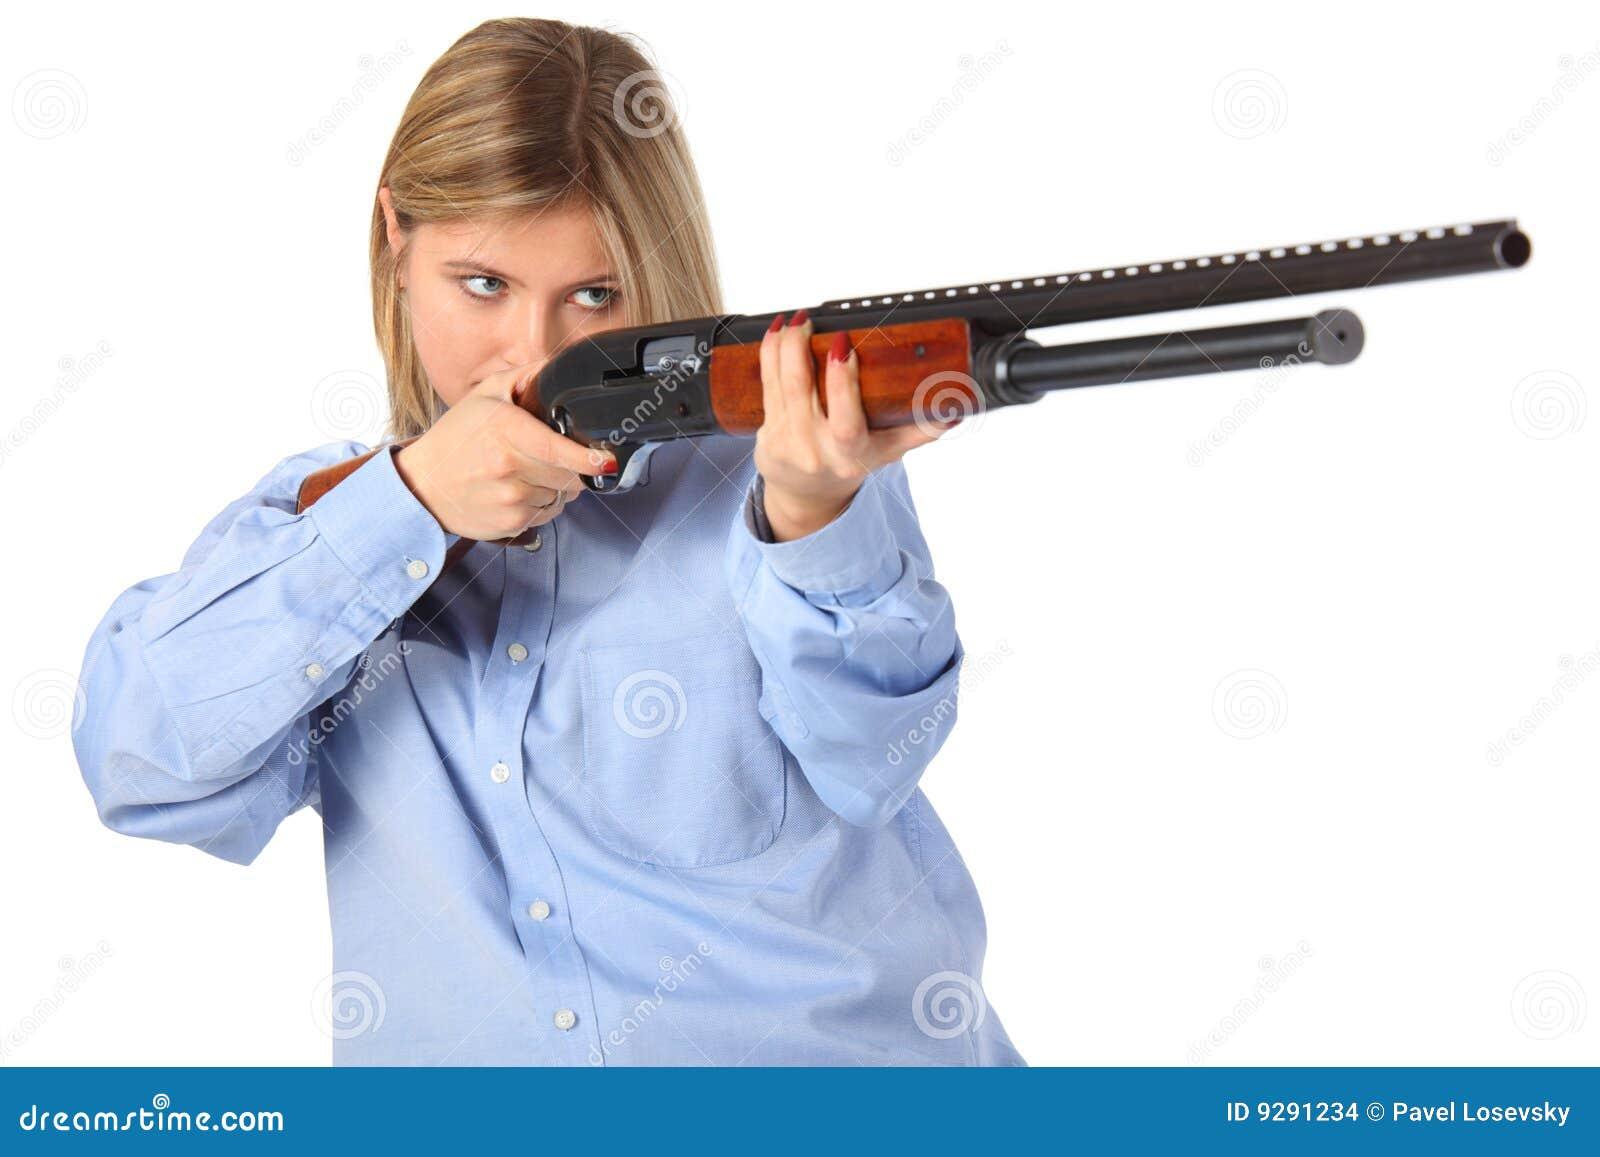 μαύρο γυναικείο όπλο μεγαλύτερη λεσβία αποπλάνηση